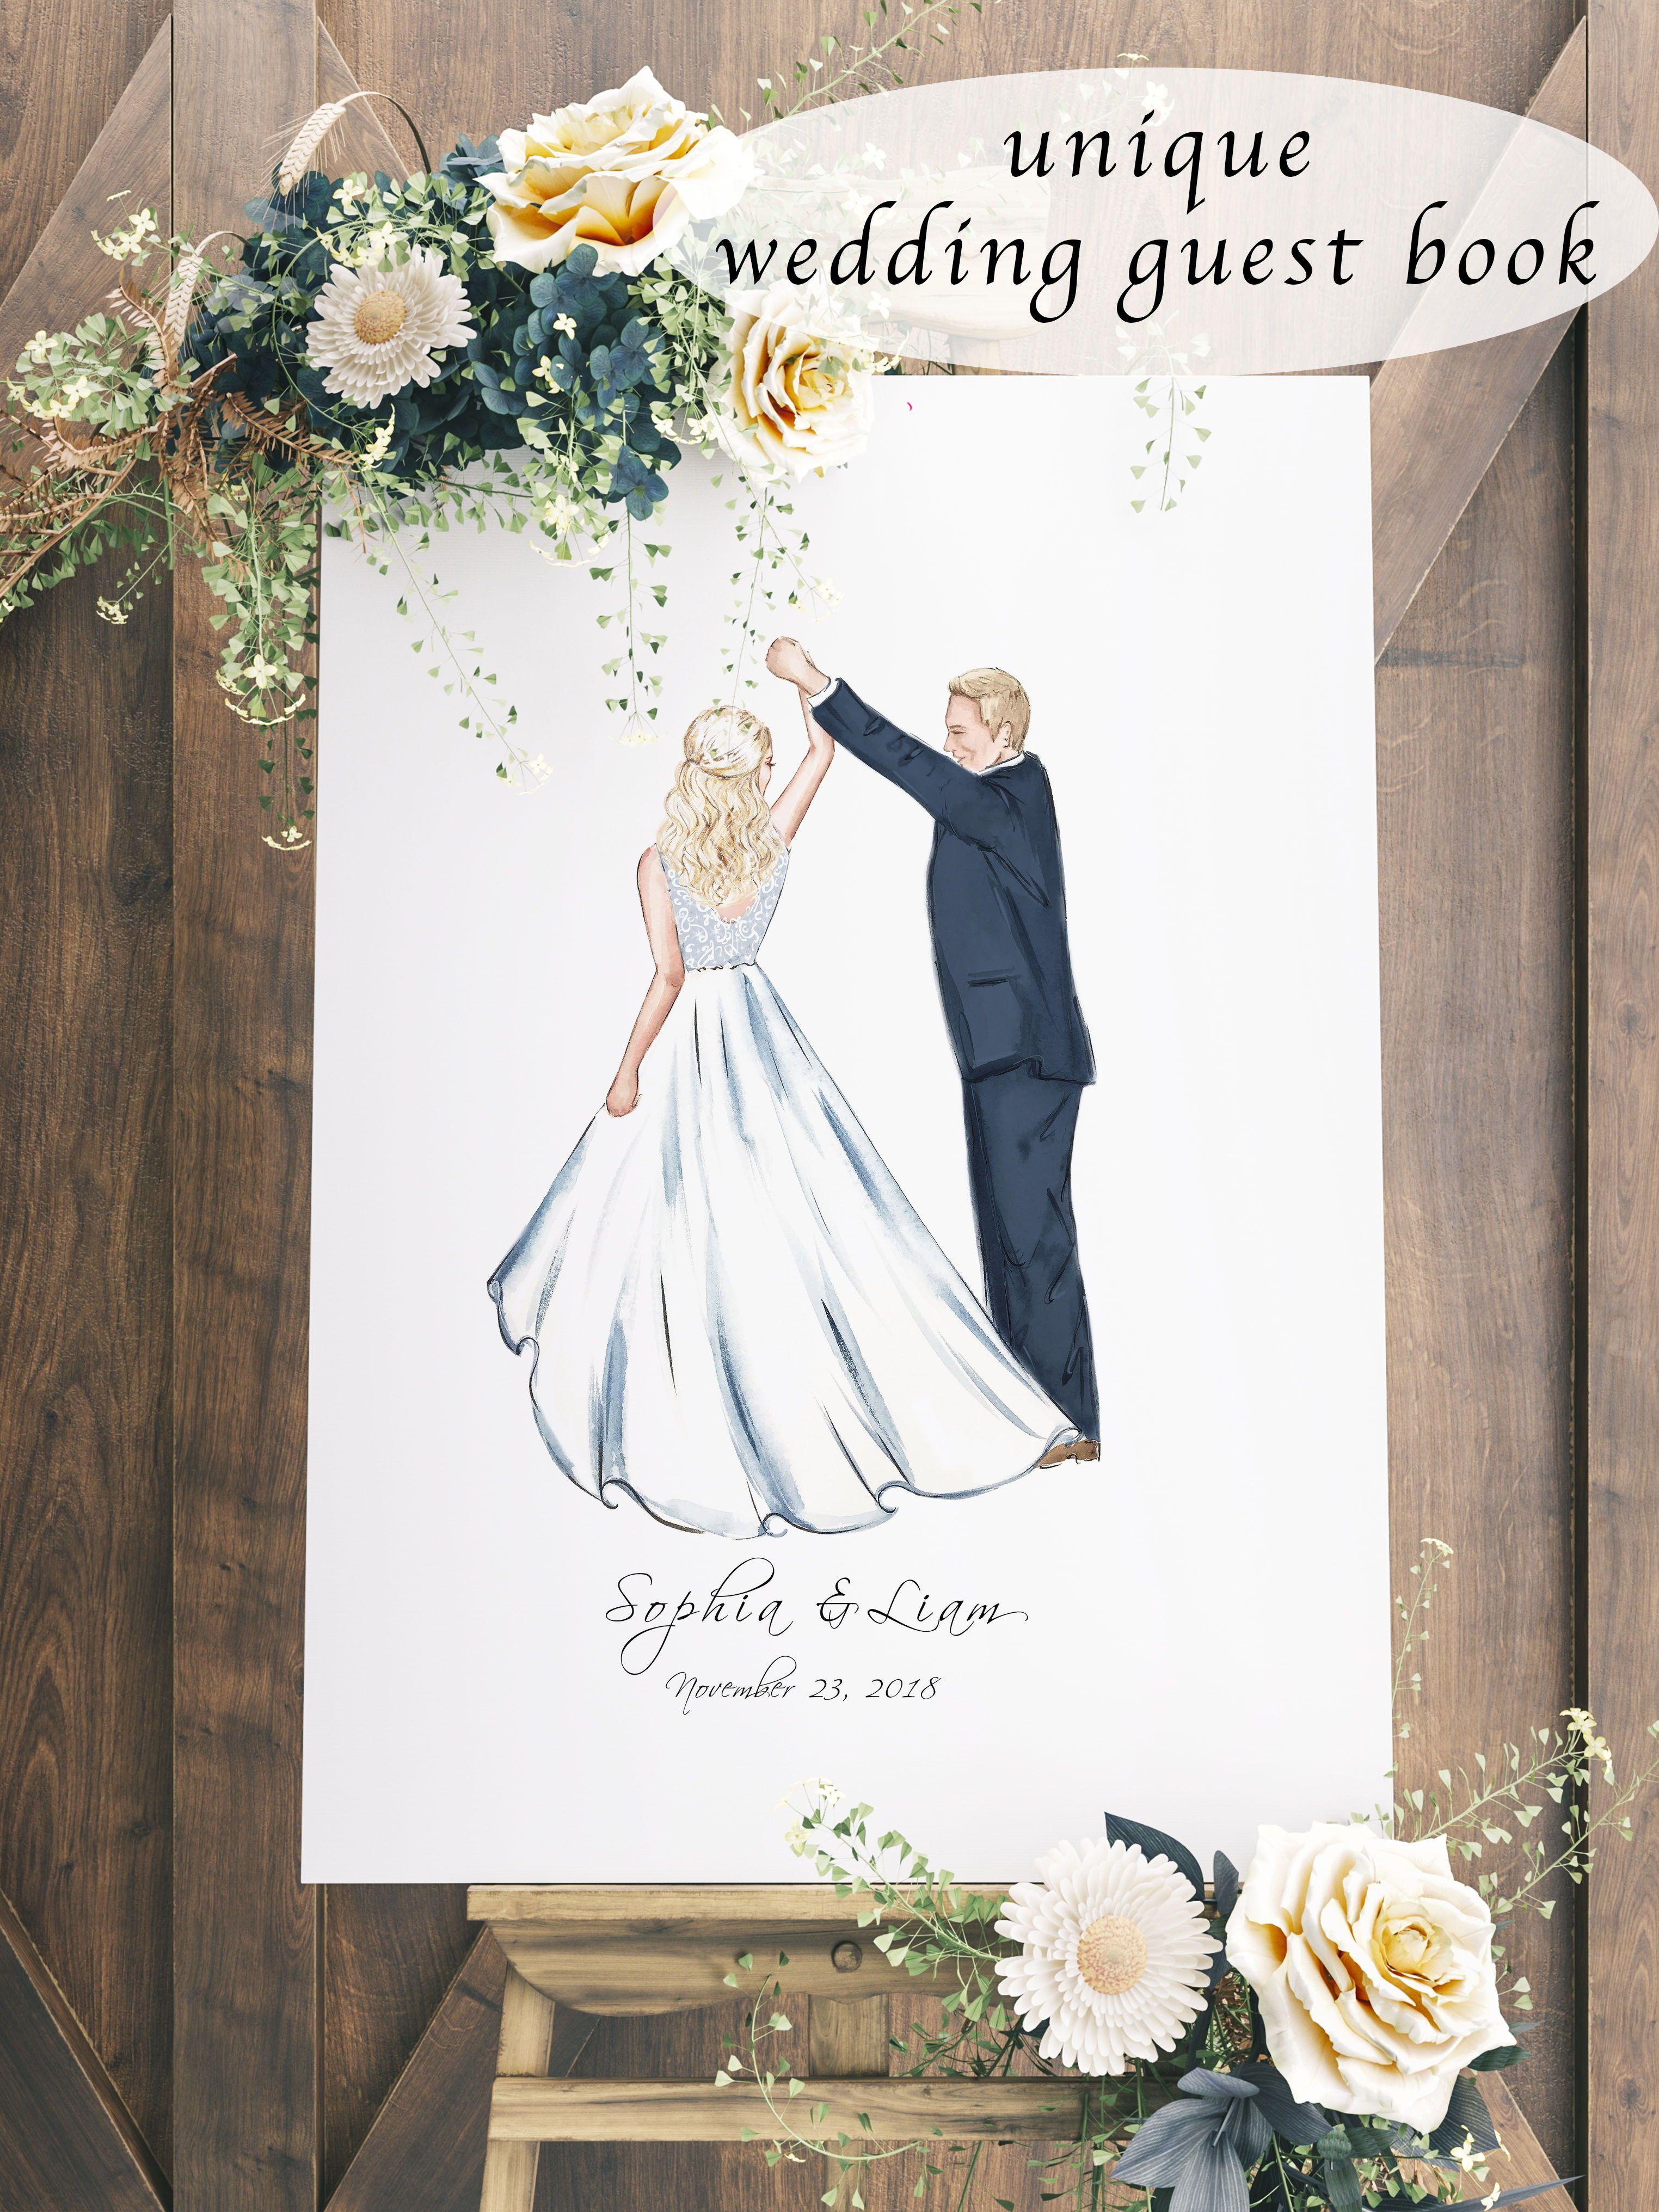 Wedding Custom Portrait Wedding Guest Book Alternative Unique Wedding Guestbook Alternative Wedding Guestbook Canvas Wedding Guest Book